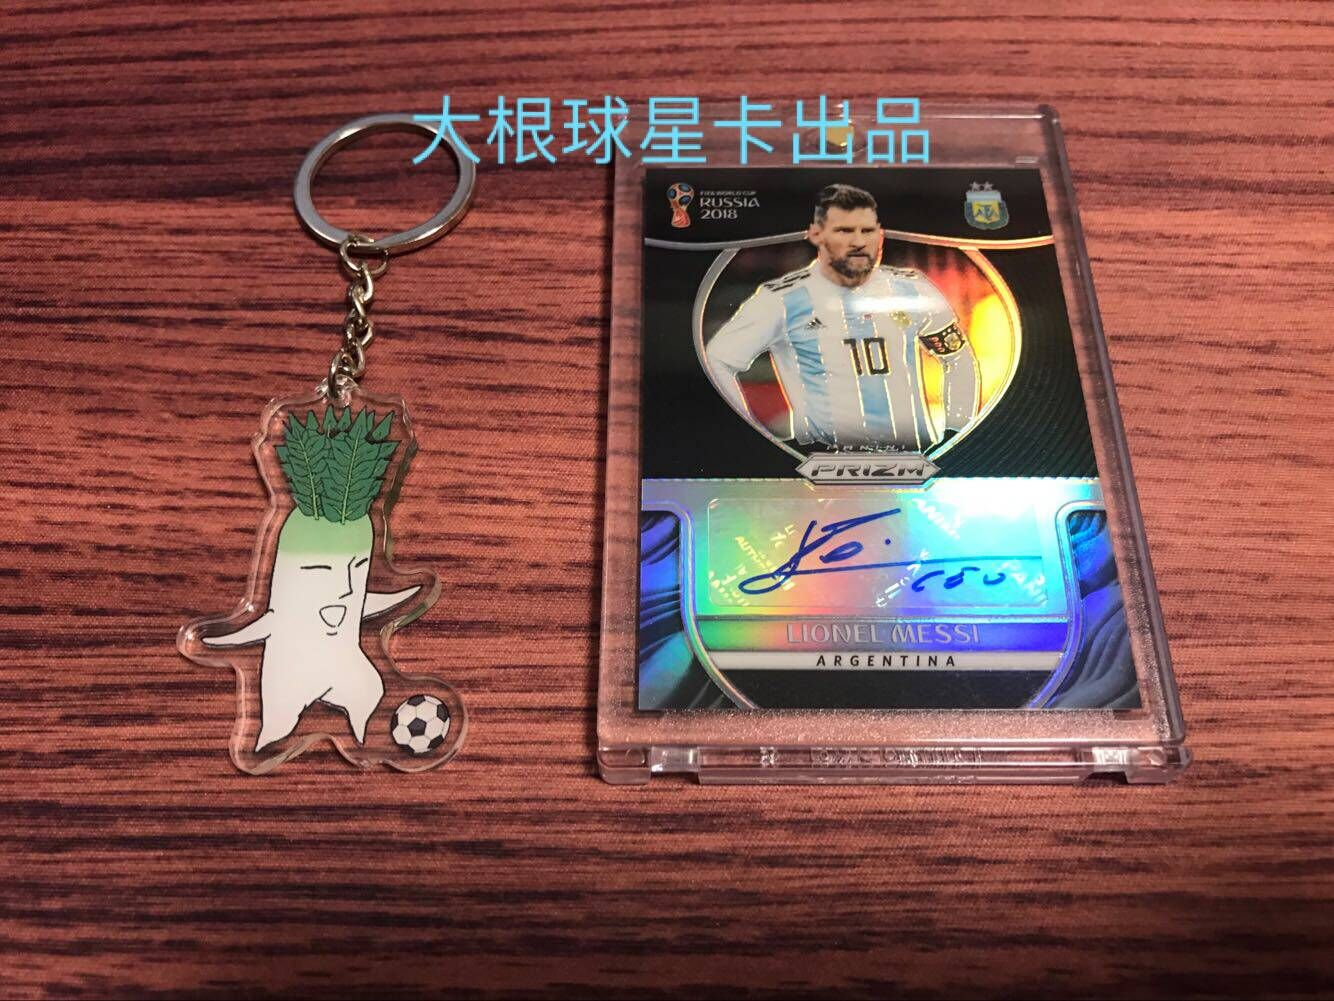 【大根球星卡】18 帕尼尼 prizm 世界杯 阿根廷 巴塞罗那 梅西 梅球王 1/1黑签!